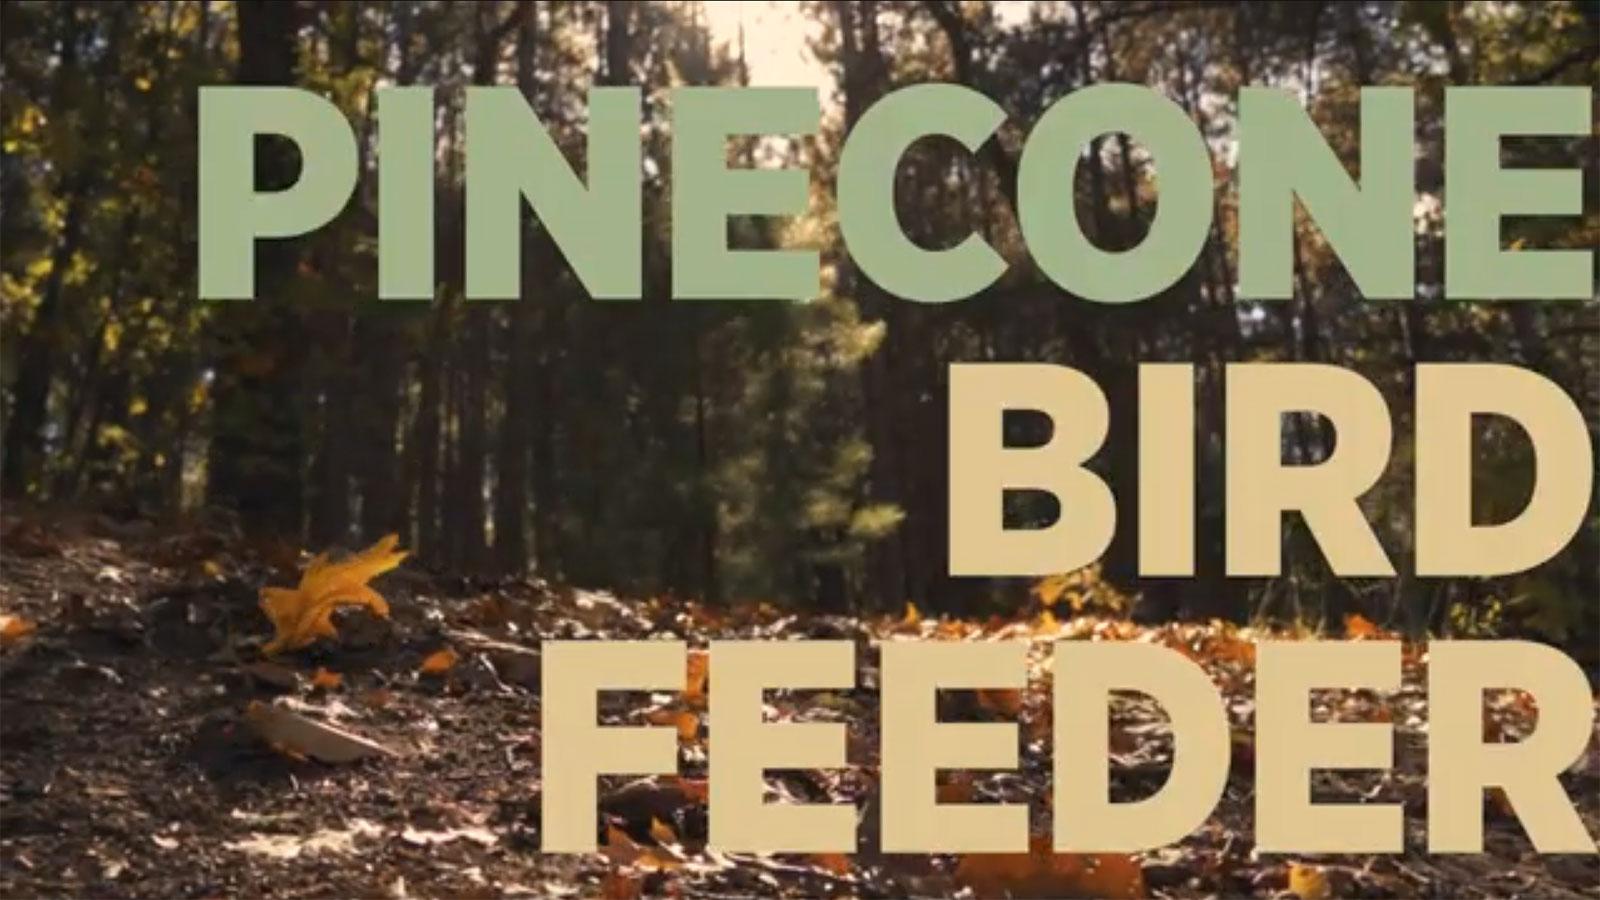 pinecone-bird-feeder-feat